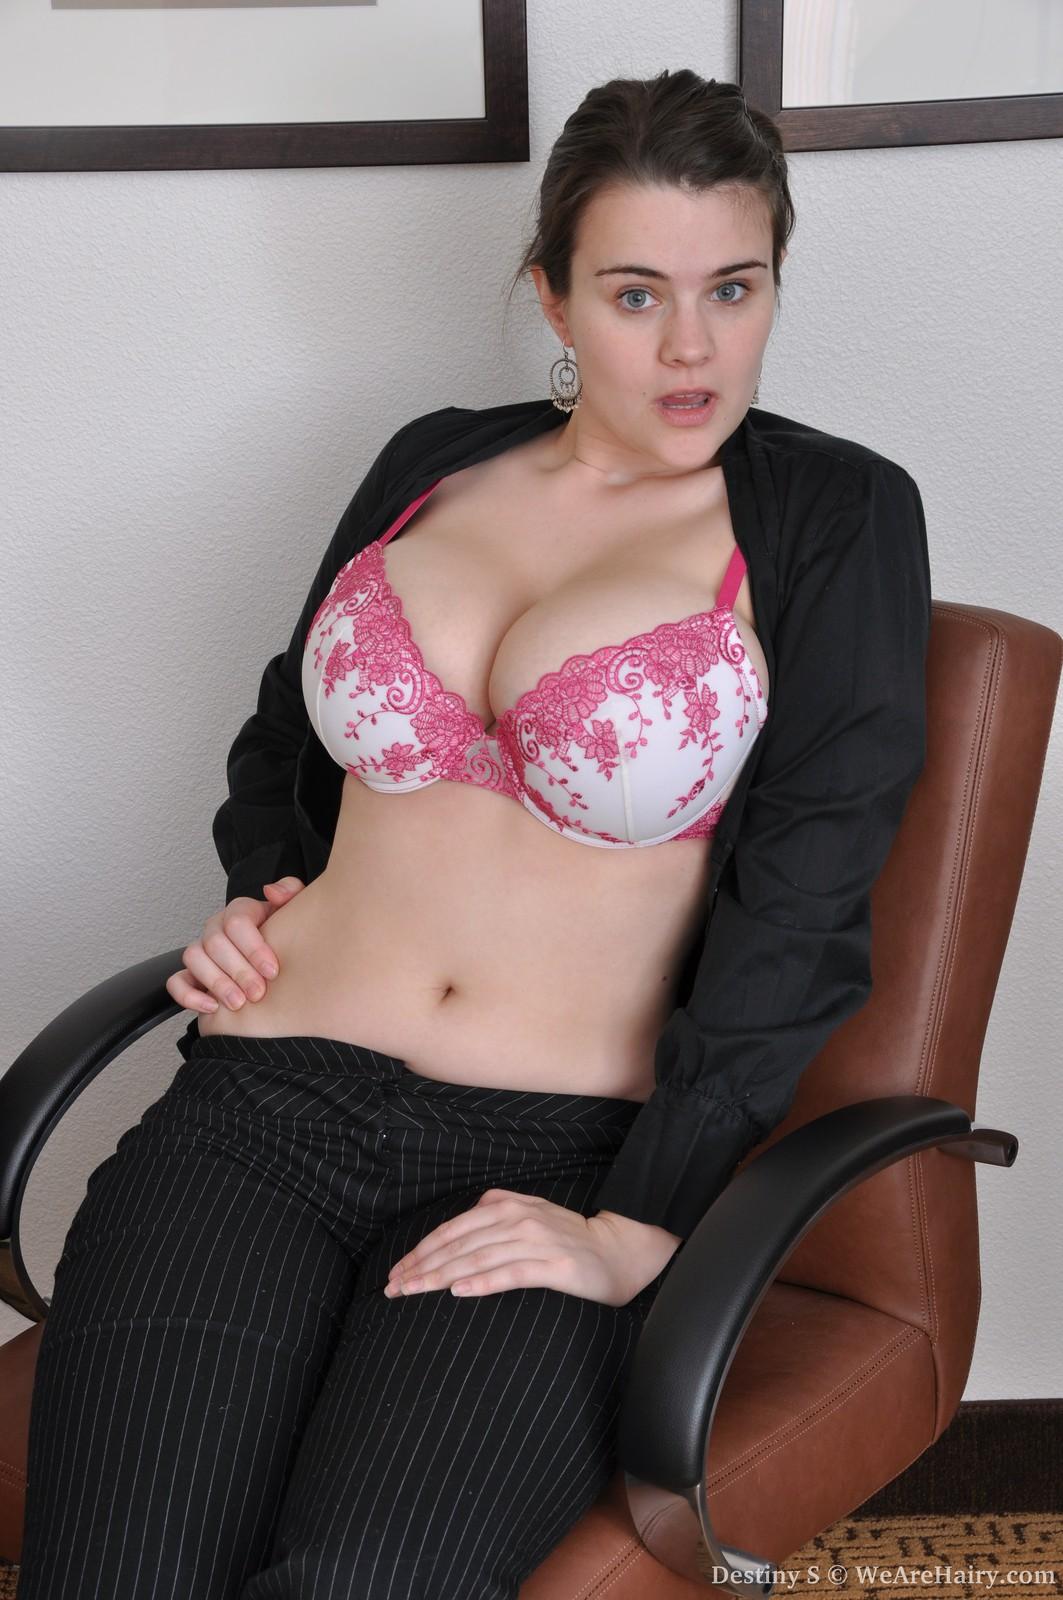 Big ass pussy hot